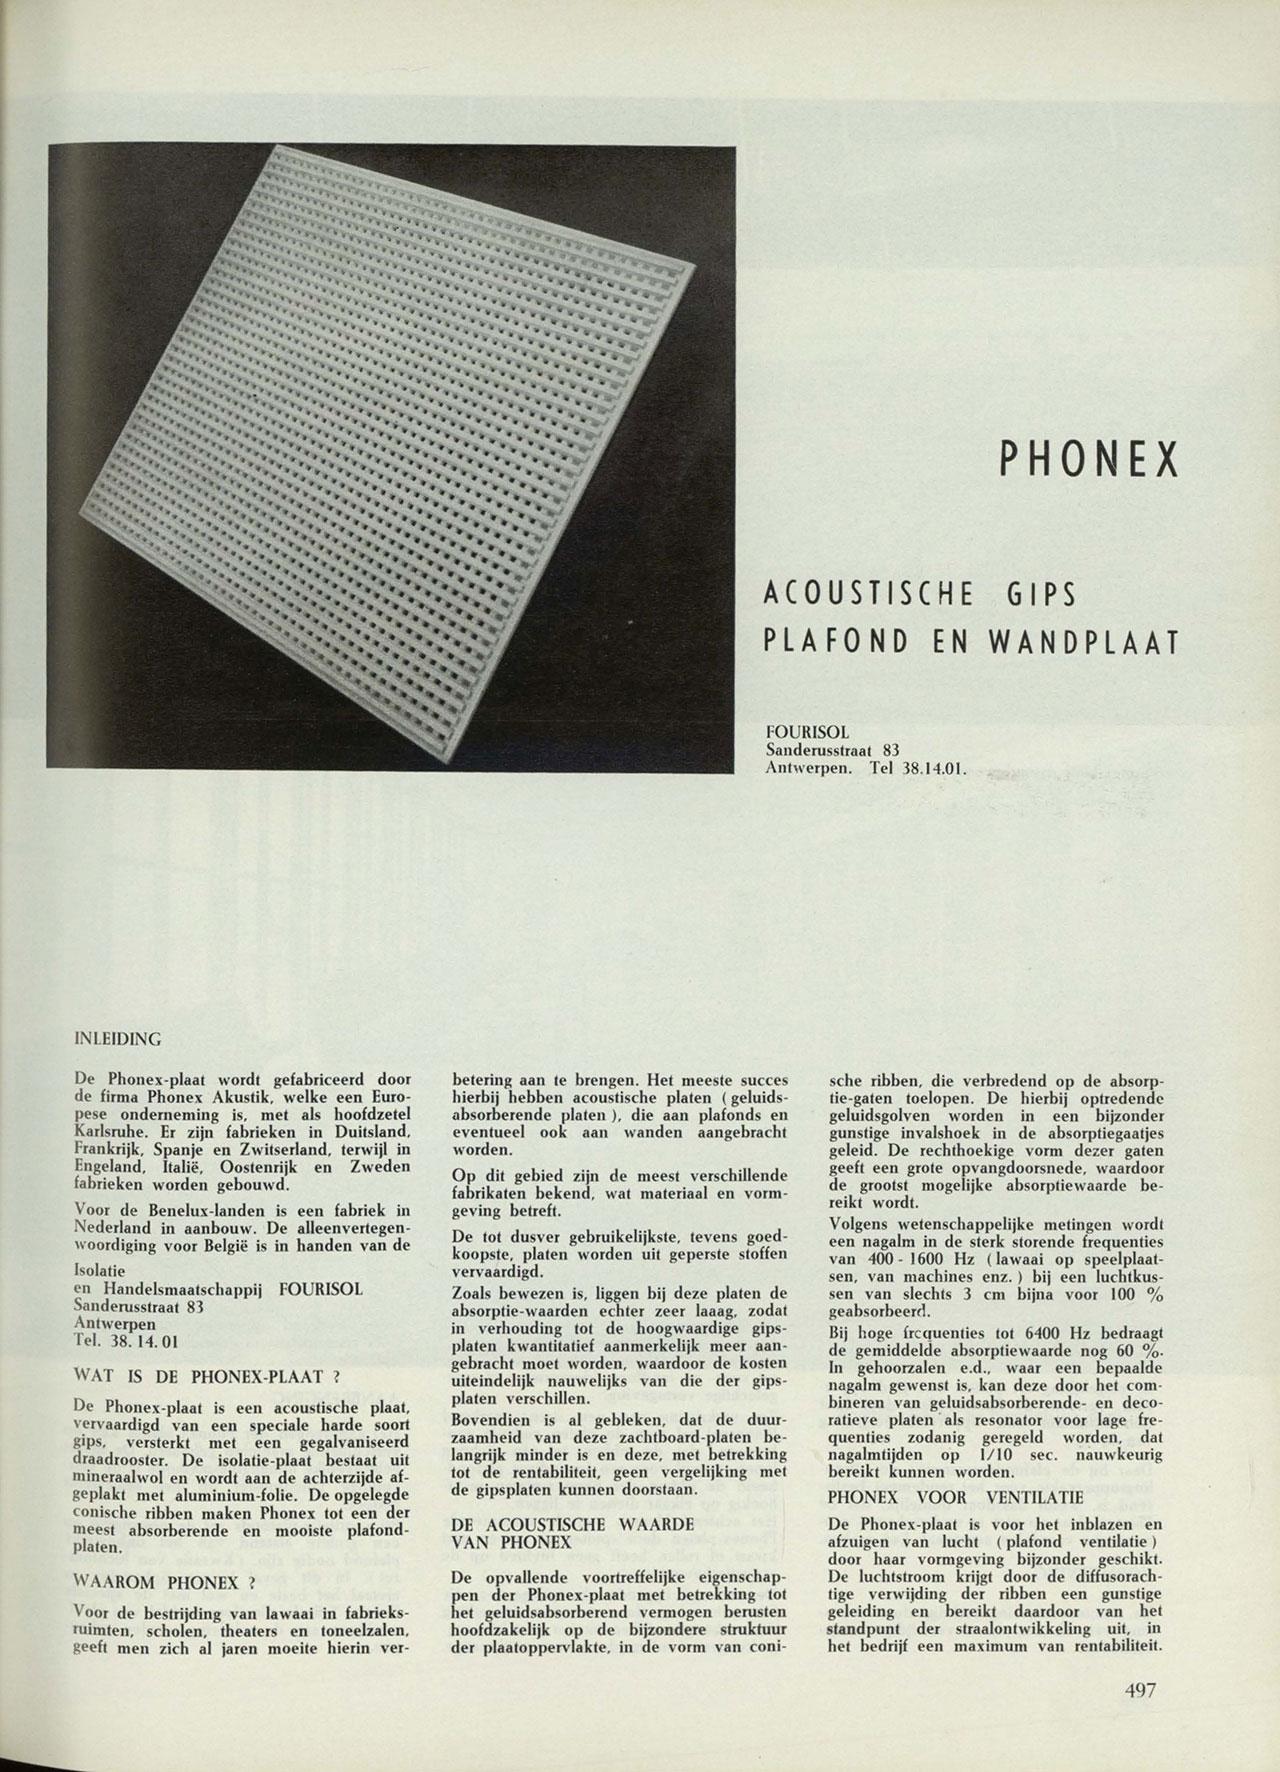 Phonex, acoustische gips plafond en wandplaat